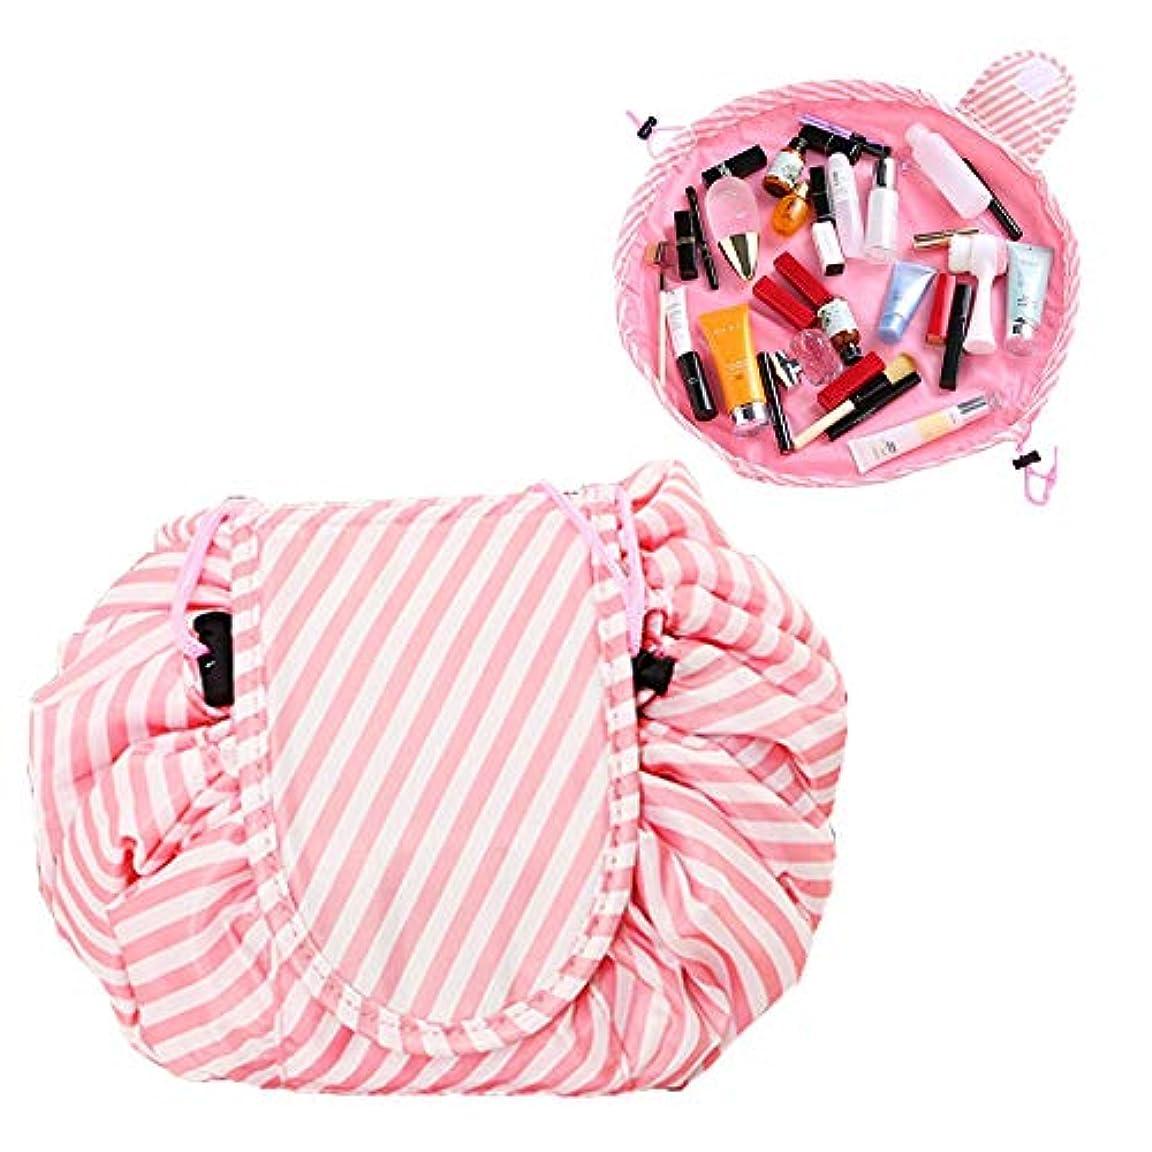 日記王朝航空機Basong 化粧ポーチ 巾着型 コスメポーチ ポーチ メイク収納 巾着バッグ レディース 小物入れ 持ち運び コンパクト